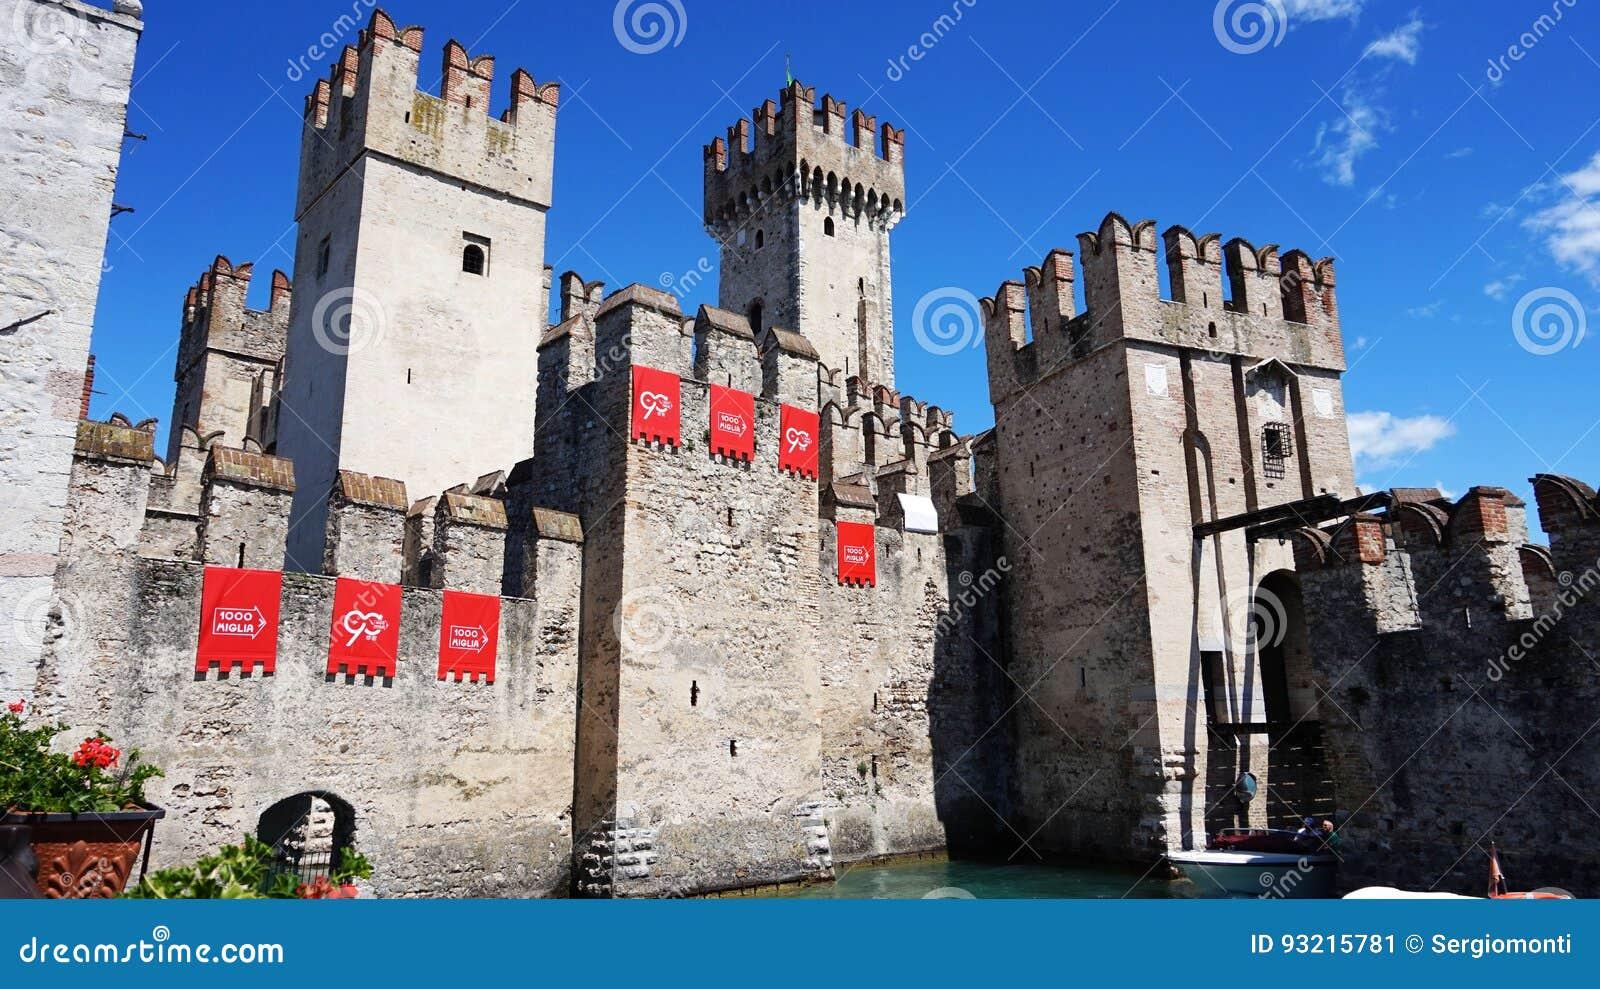 Ansicht des mittelalterlichen Scaliger-Schlosses von Sirmione mit Schild der italienischen Sammlung Mille Miglia und des überschr